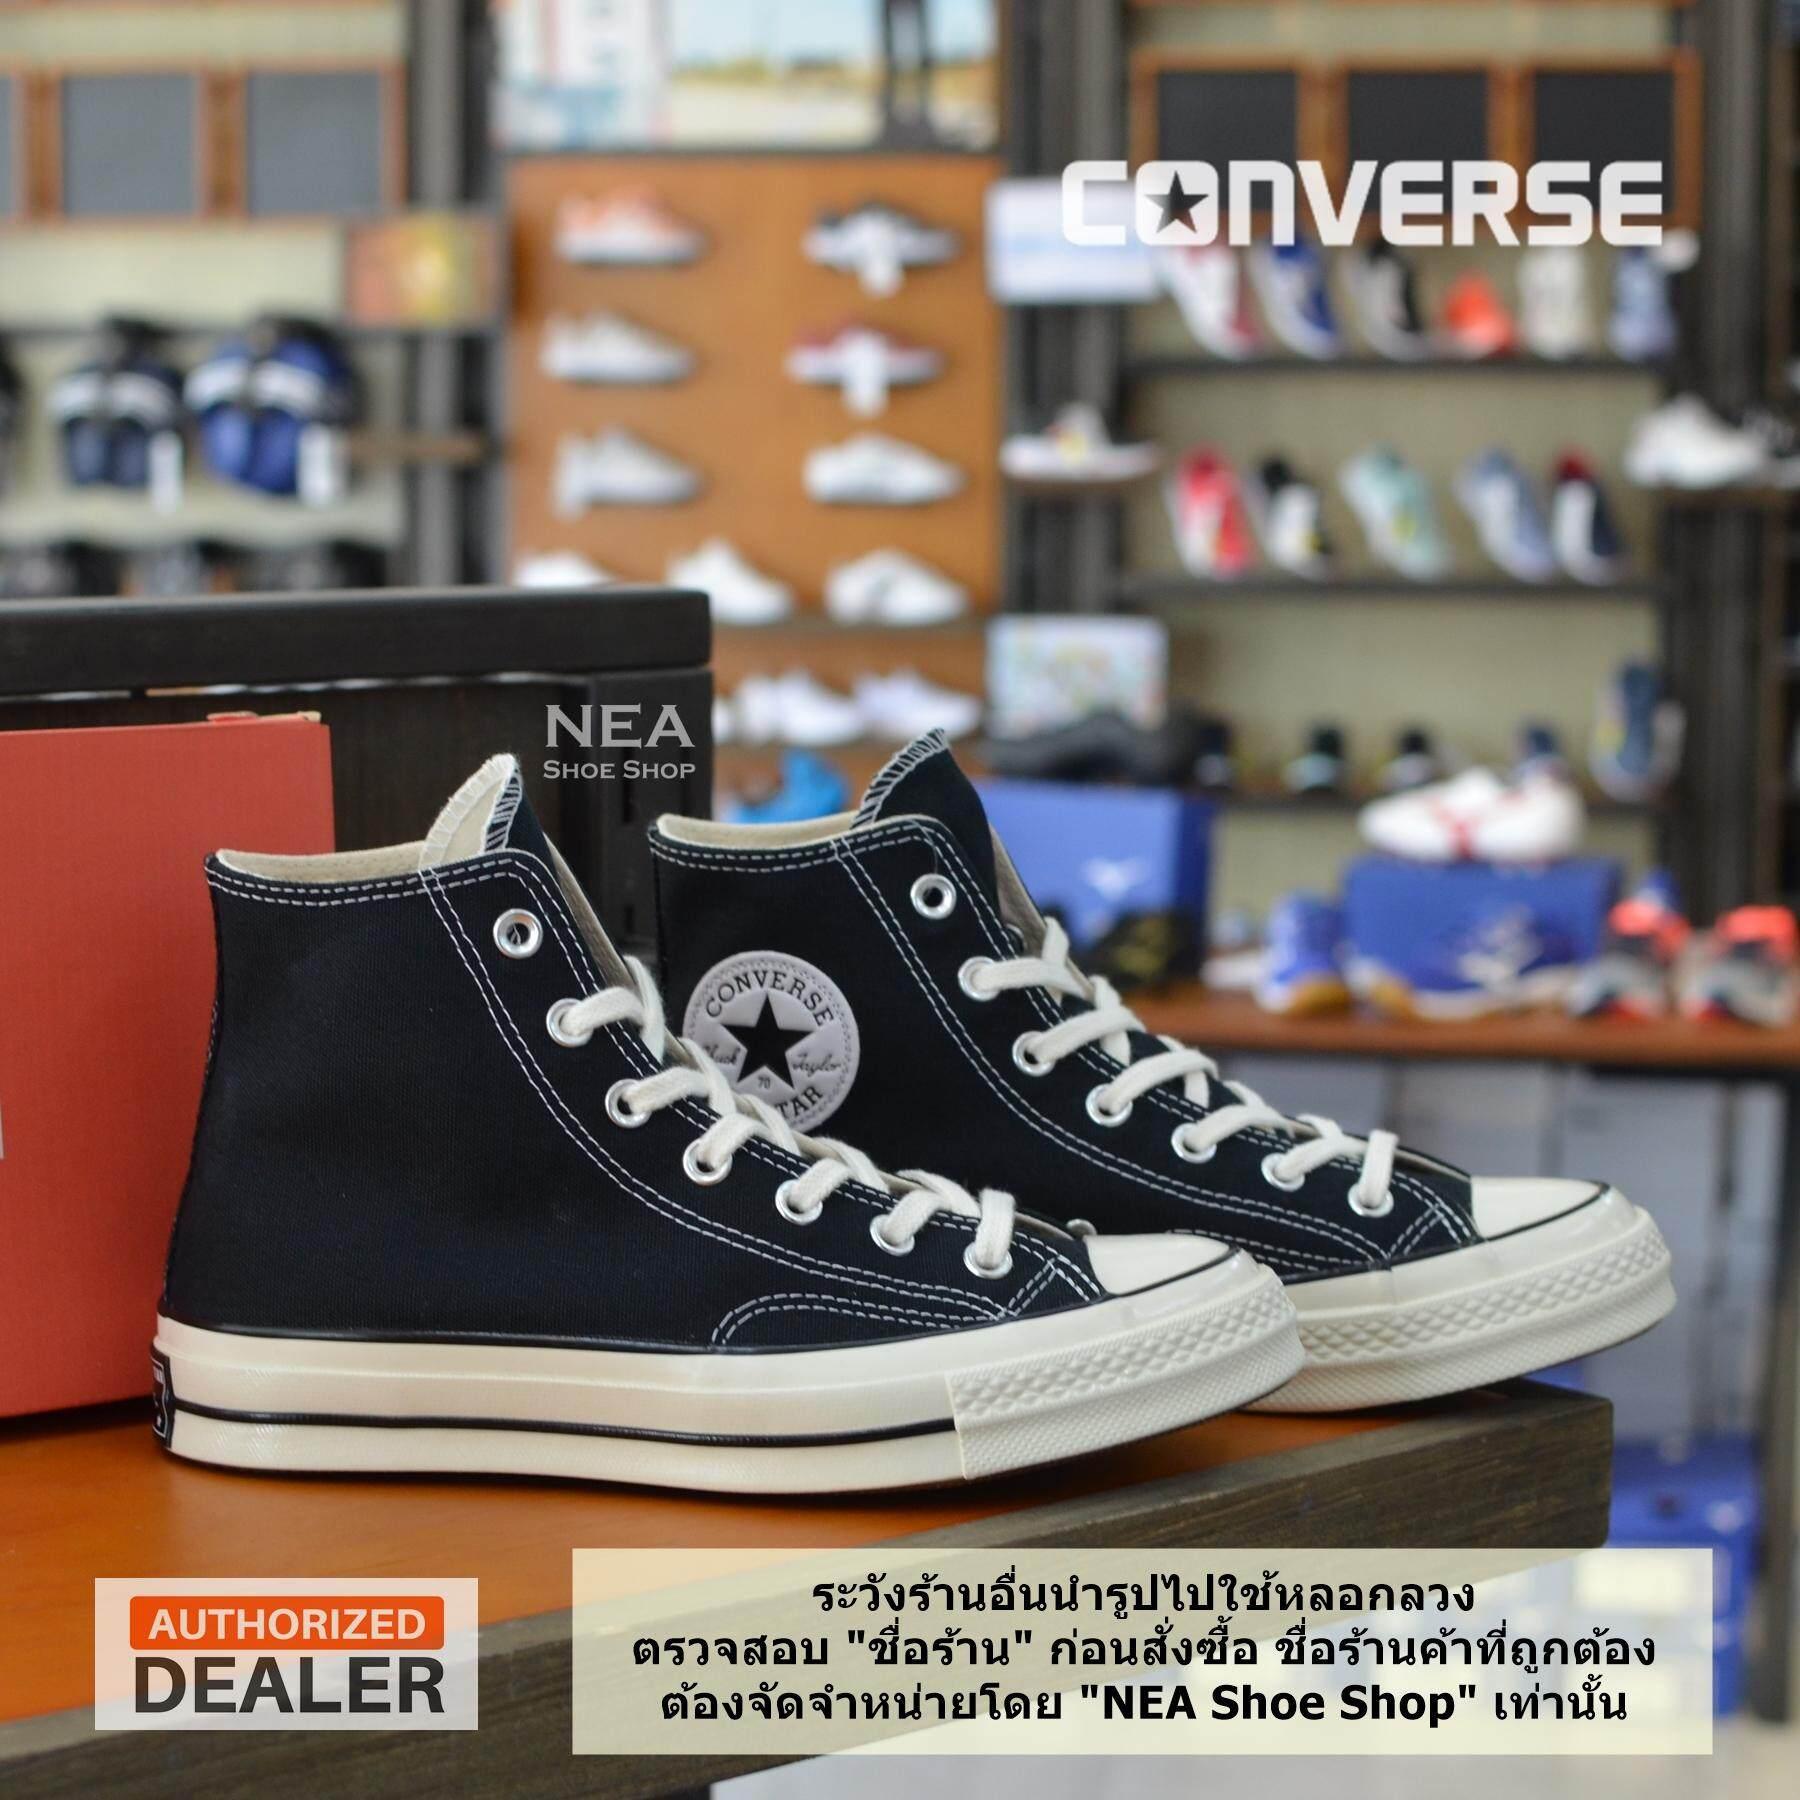 การใช้งาน  นครศรีธรรมราช [ลิขสิทธิ์แท้] Converse All Star 70 hi (Classic Repro) รองเท้า คอนเวิร์ส รีโปร 70 หุ้มข้อ